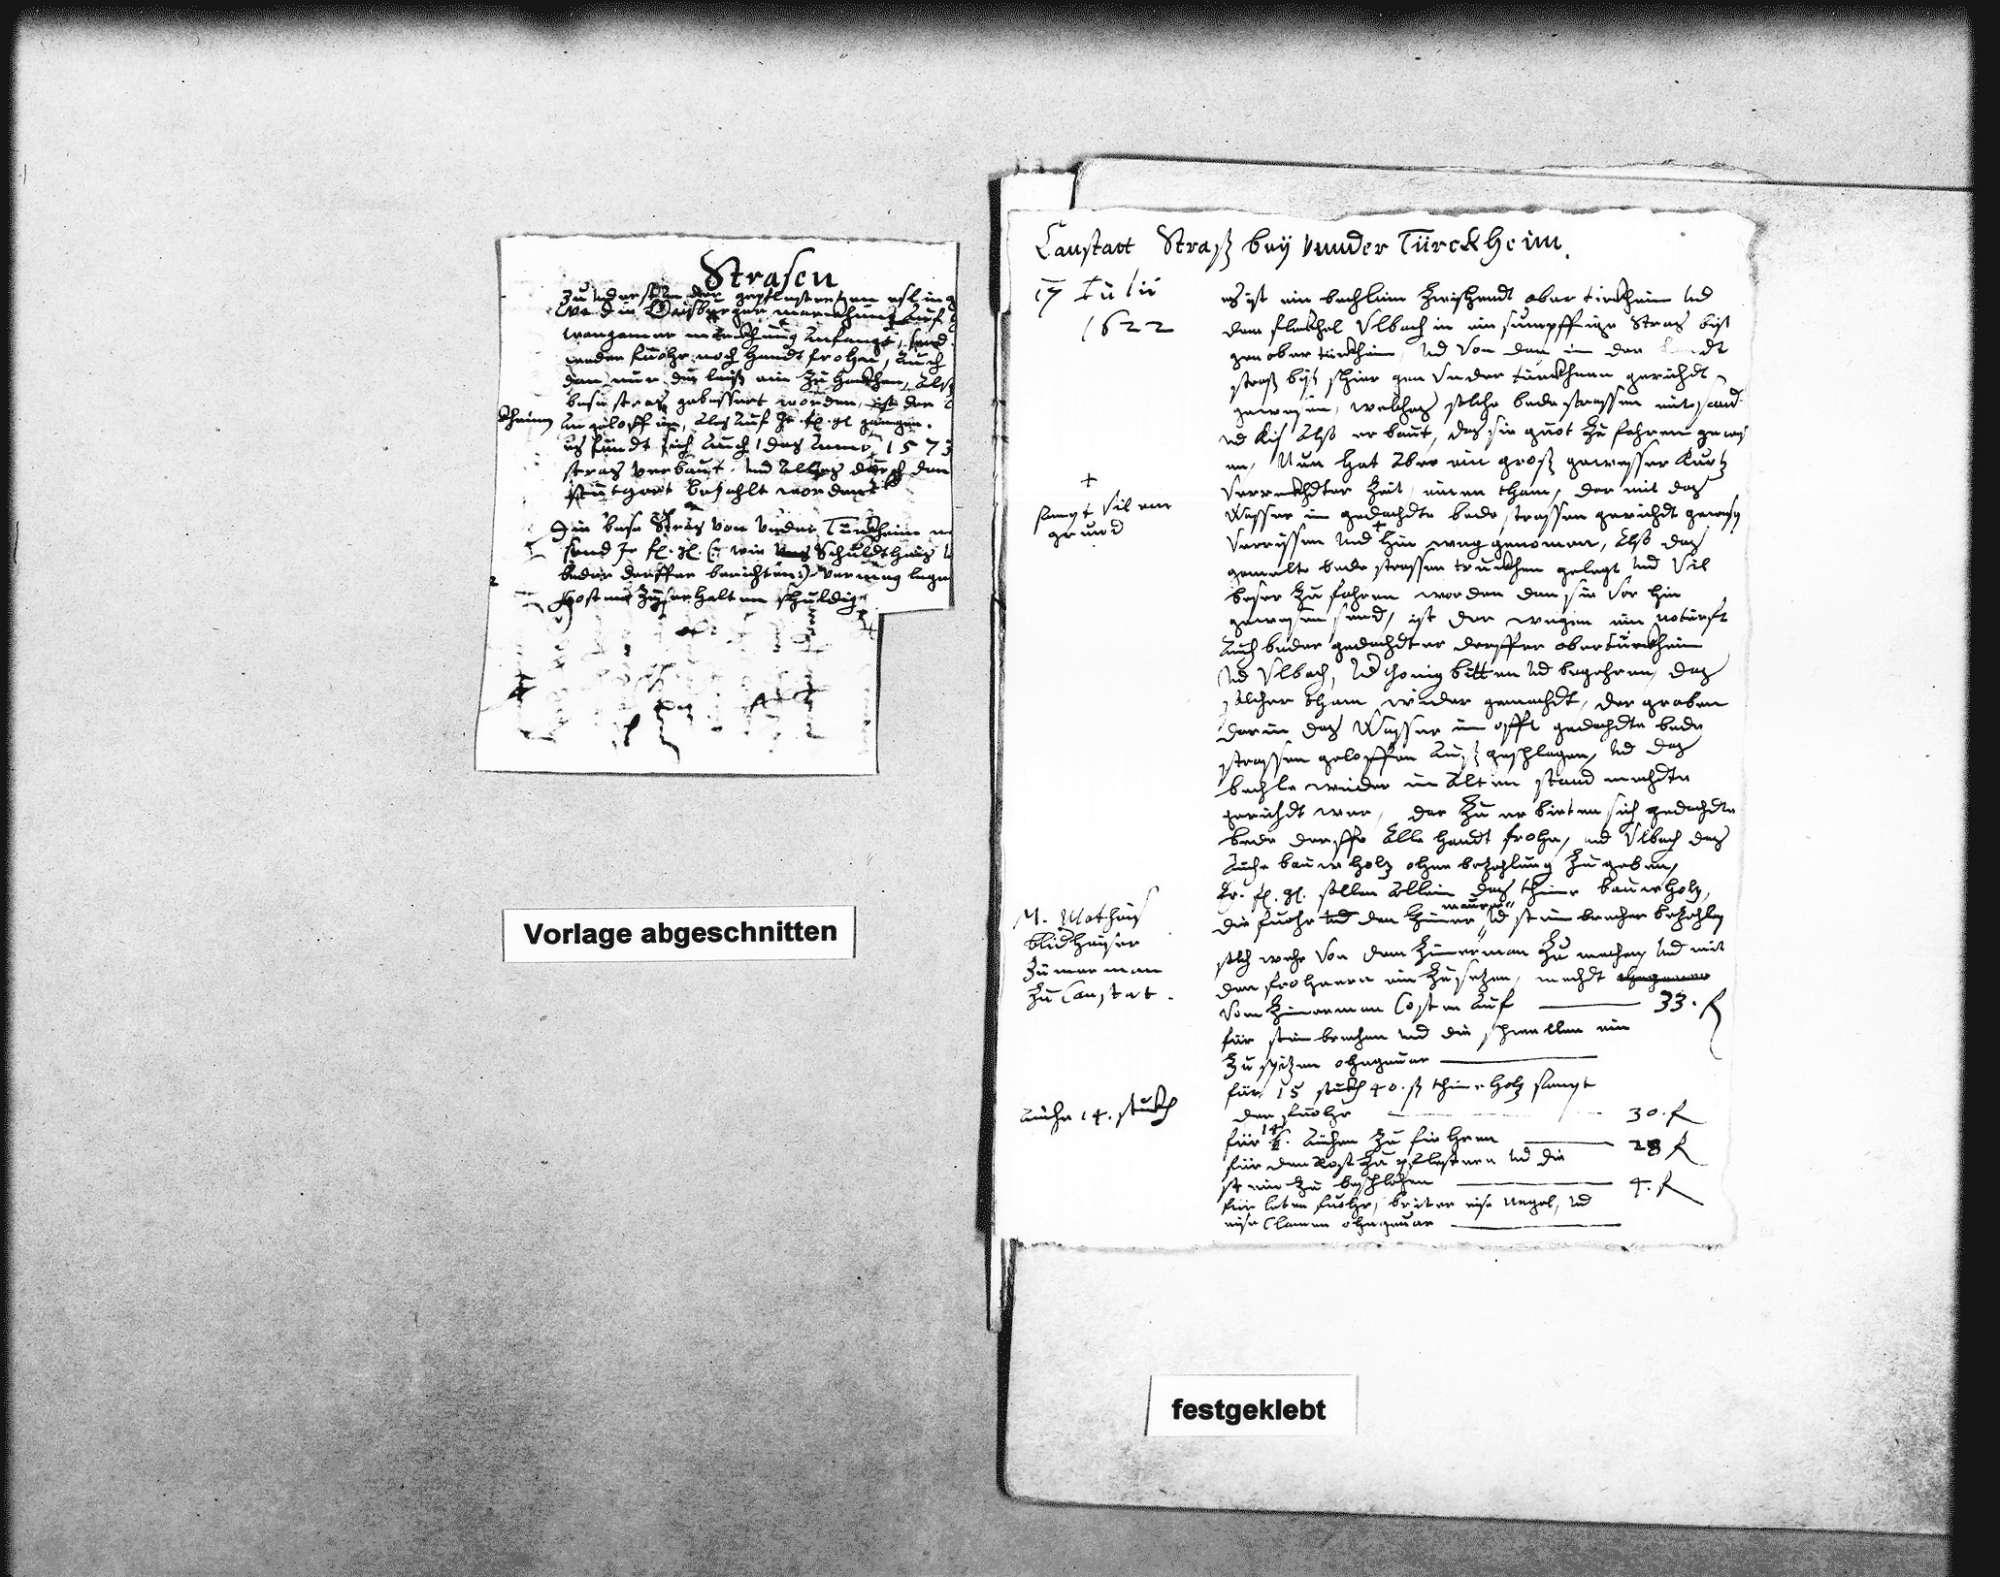 Bericht über die Cannstatter Straße bei Untertürkheim, 17. Juli 1622 und über die Fellbacher Straße, 1626 (2 Folio, 2 Oktav), Bild 1